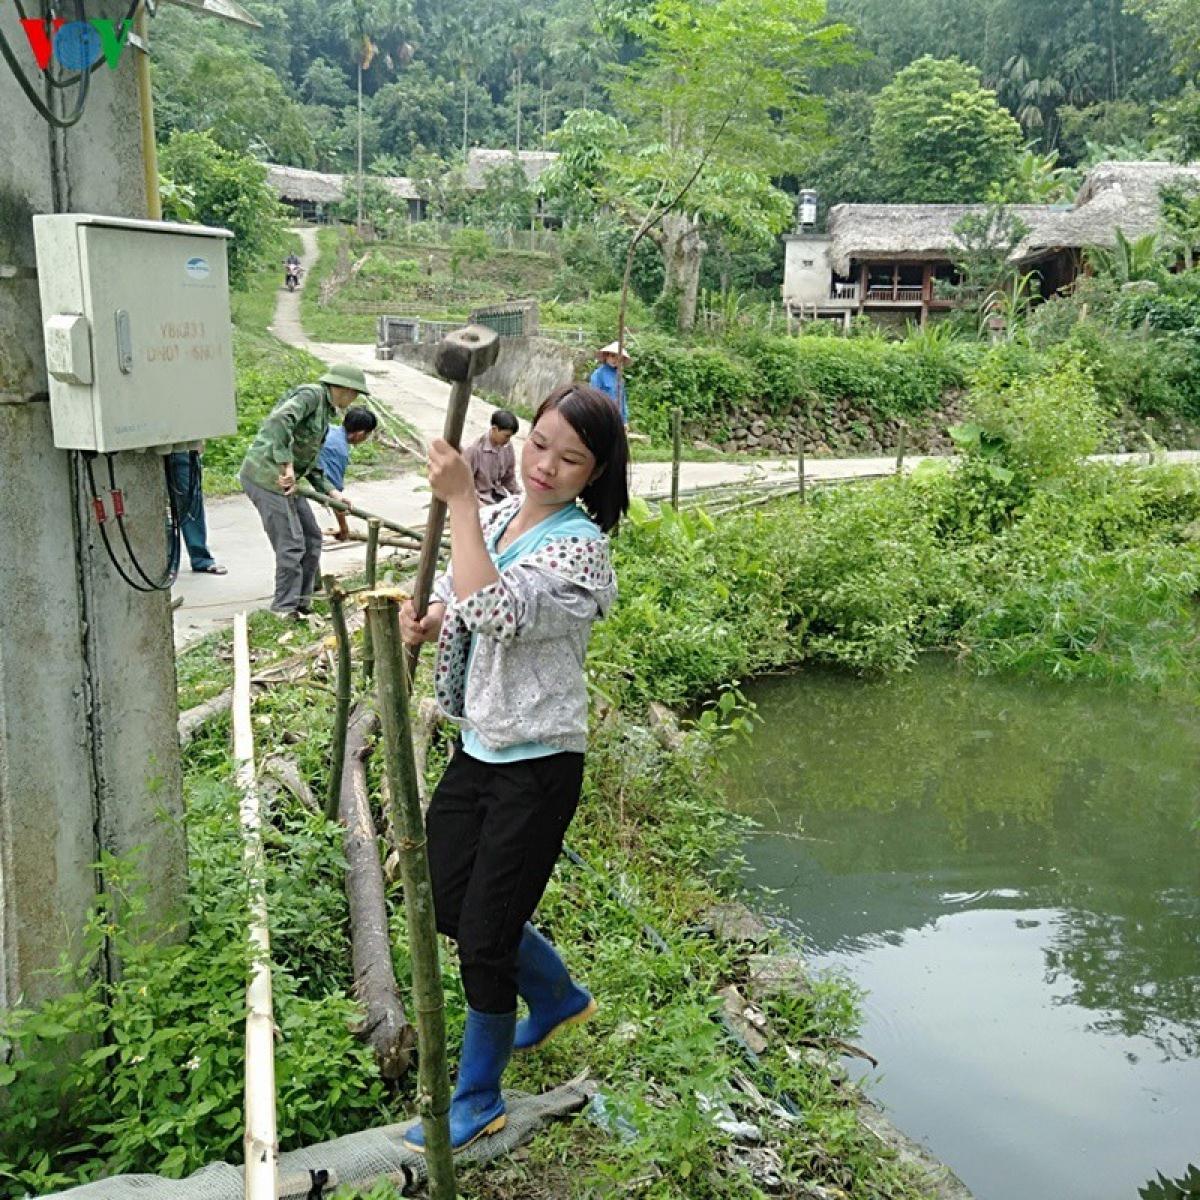 Một góc ao làng được bà con cùng nhau đóng cọc tre, rào chắn cẩn thận tránh những vụ việc đáng tiếc xảy ra.